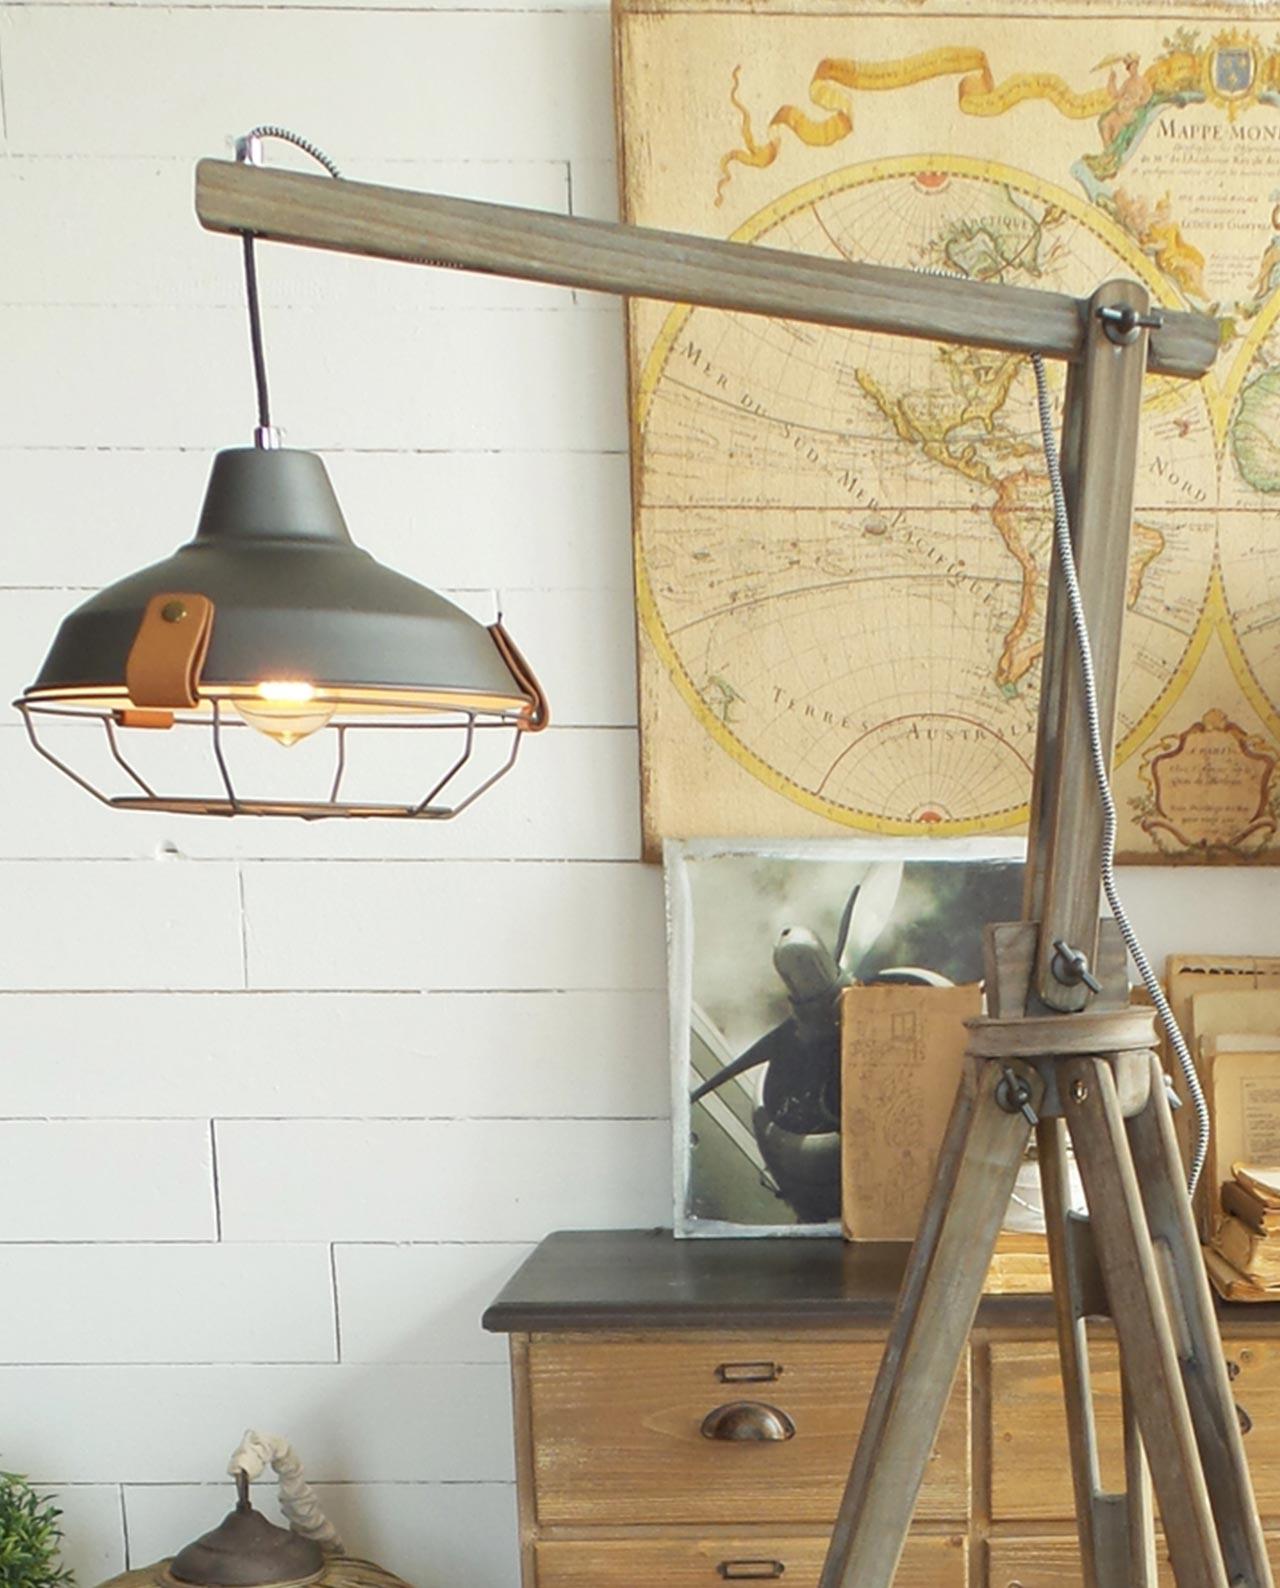 Lampada da terra 3 piedi in legno industriale - Mobilia Store Home ...